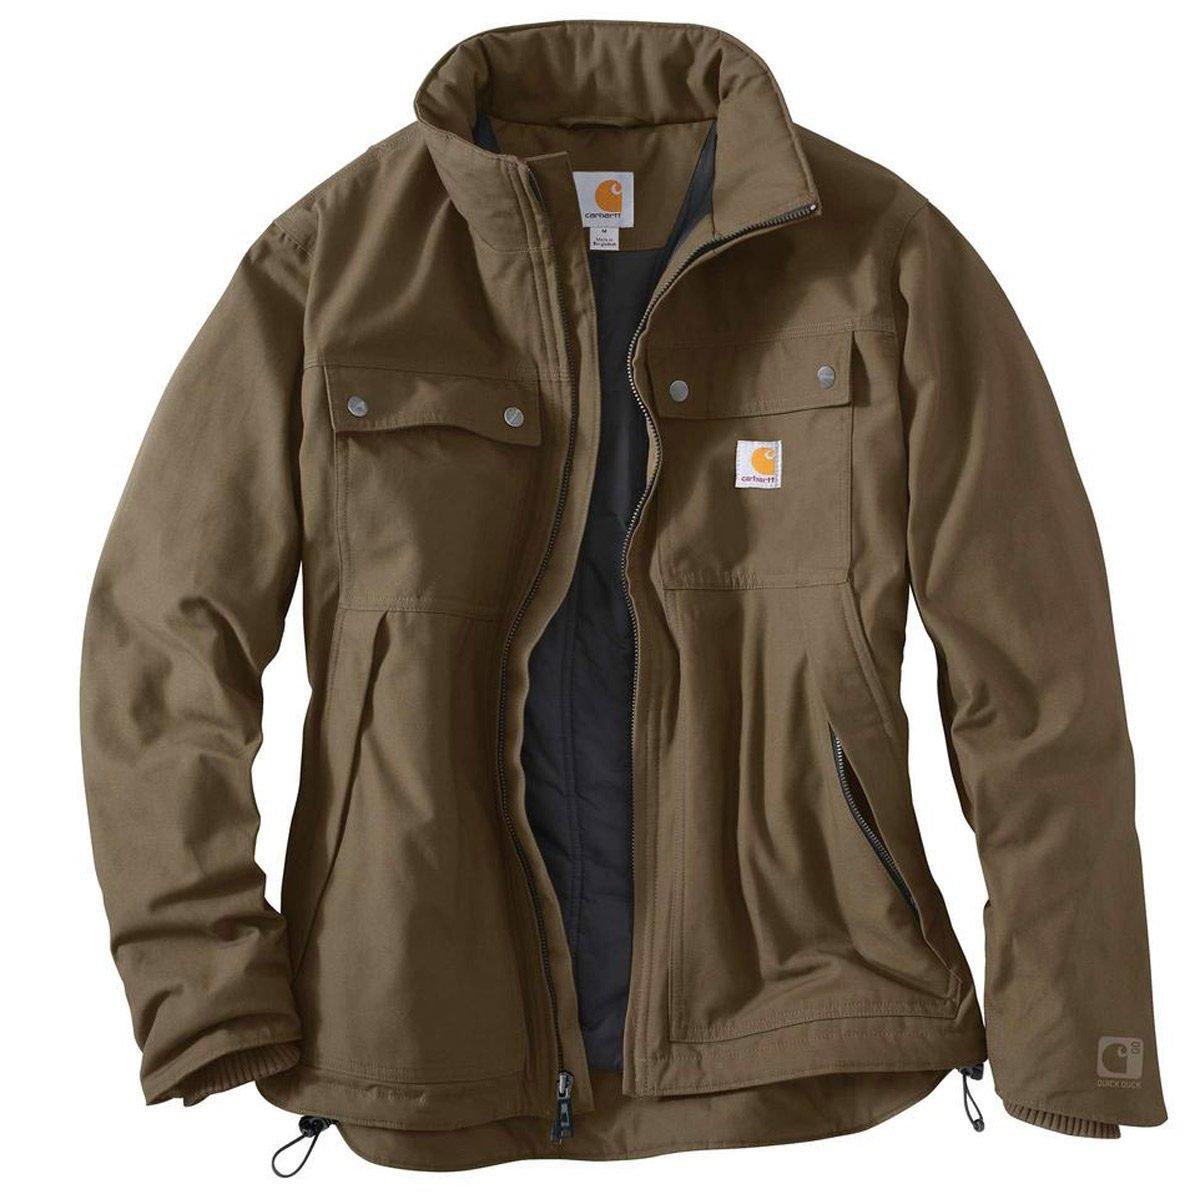 carhartt outerwear jacket